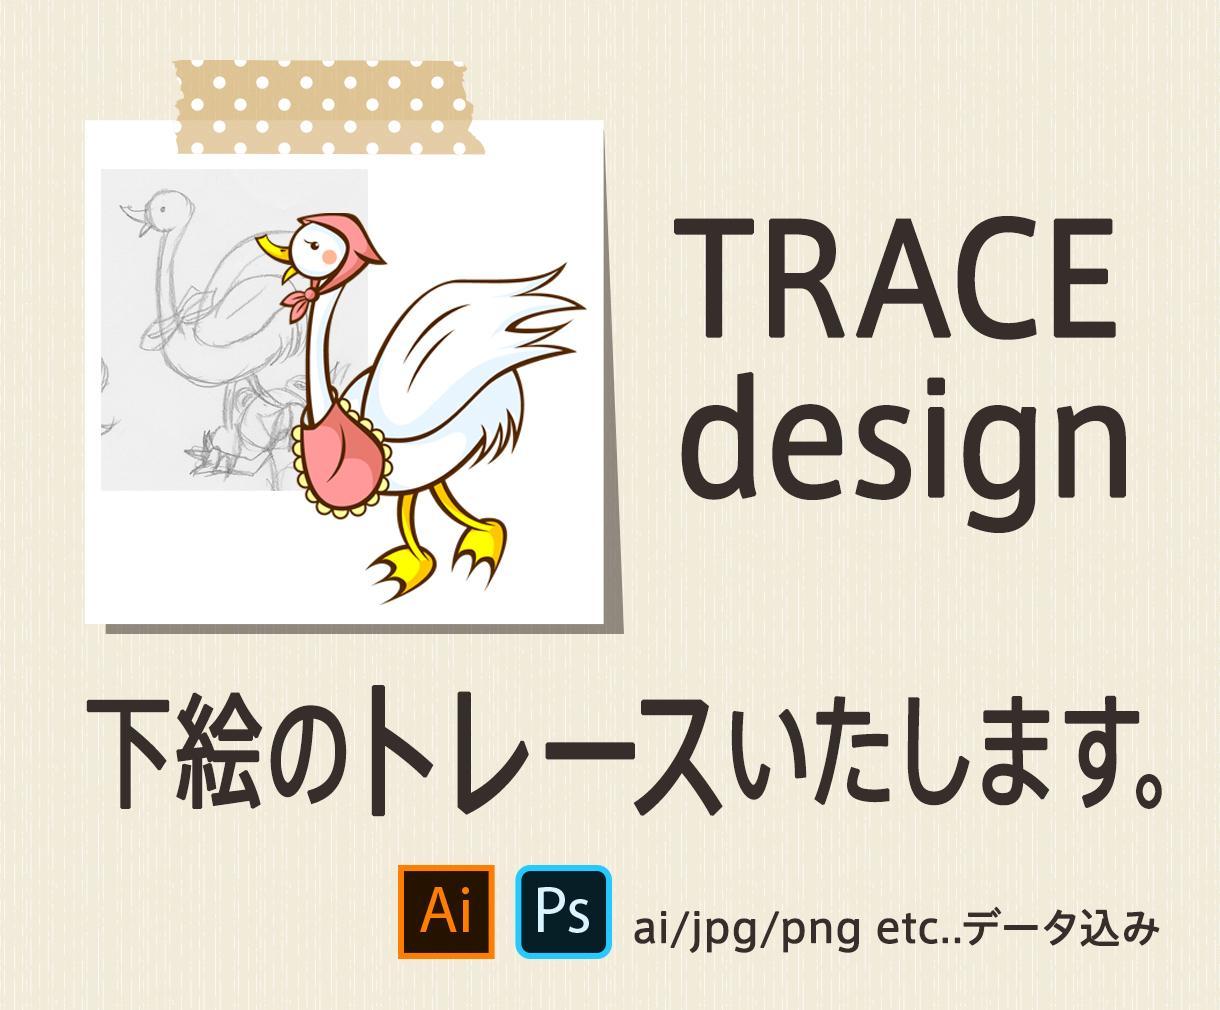 あなたのデザインを形にします 写真や下絵をトレース(データ化)ロゴなどもトレースします イメージ1